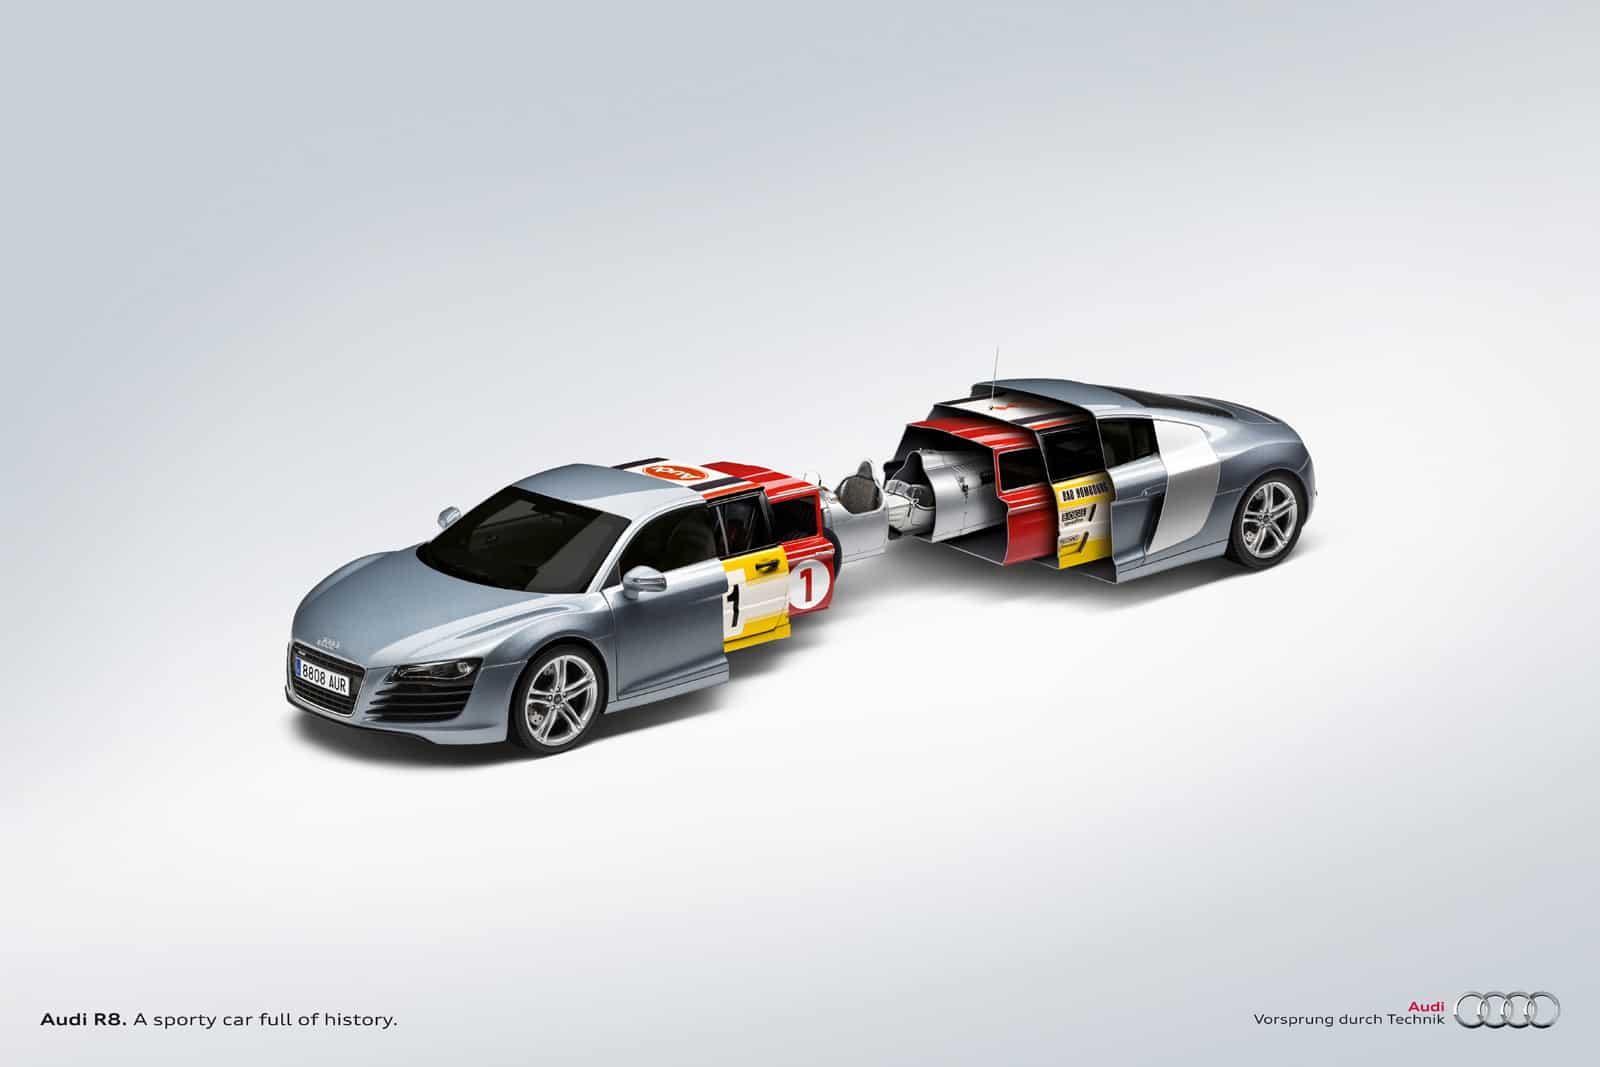 Audi R8 : Une voiture pleine d'histoire